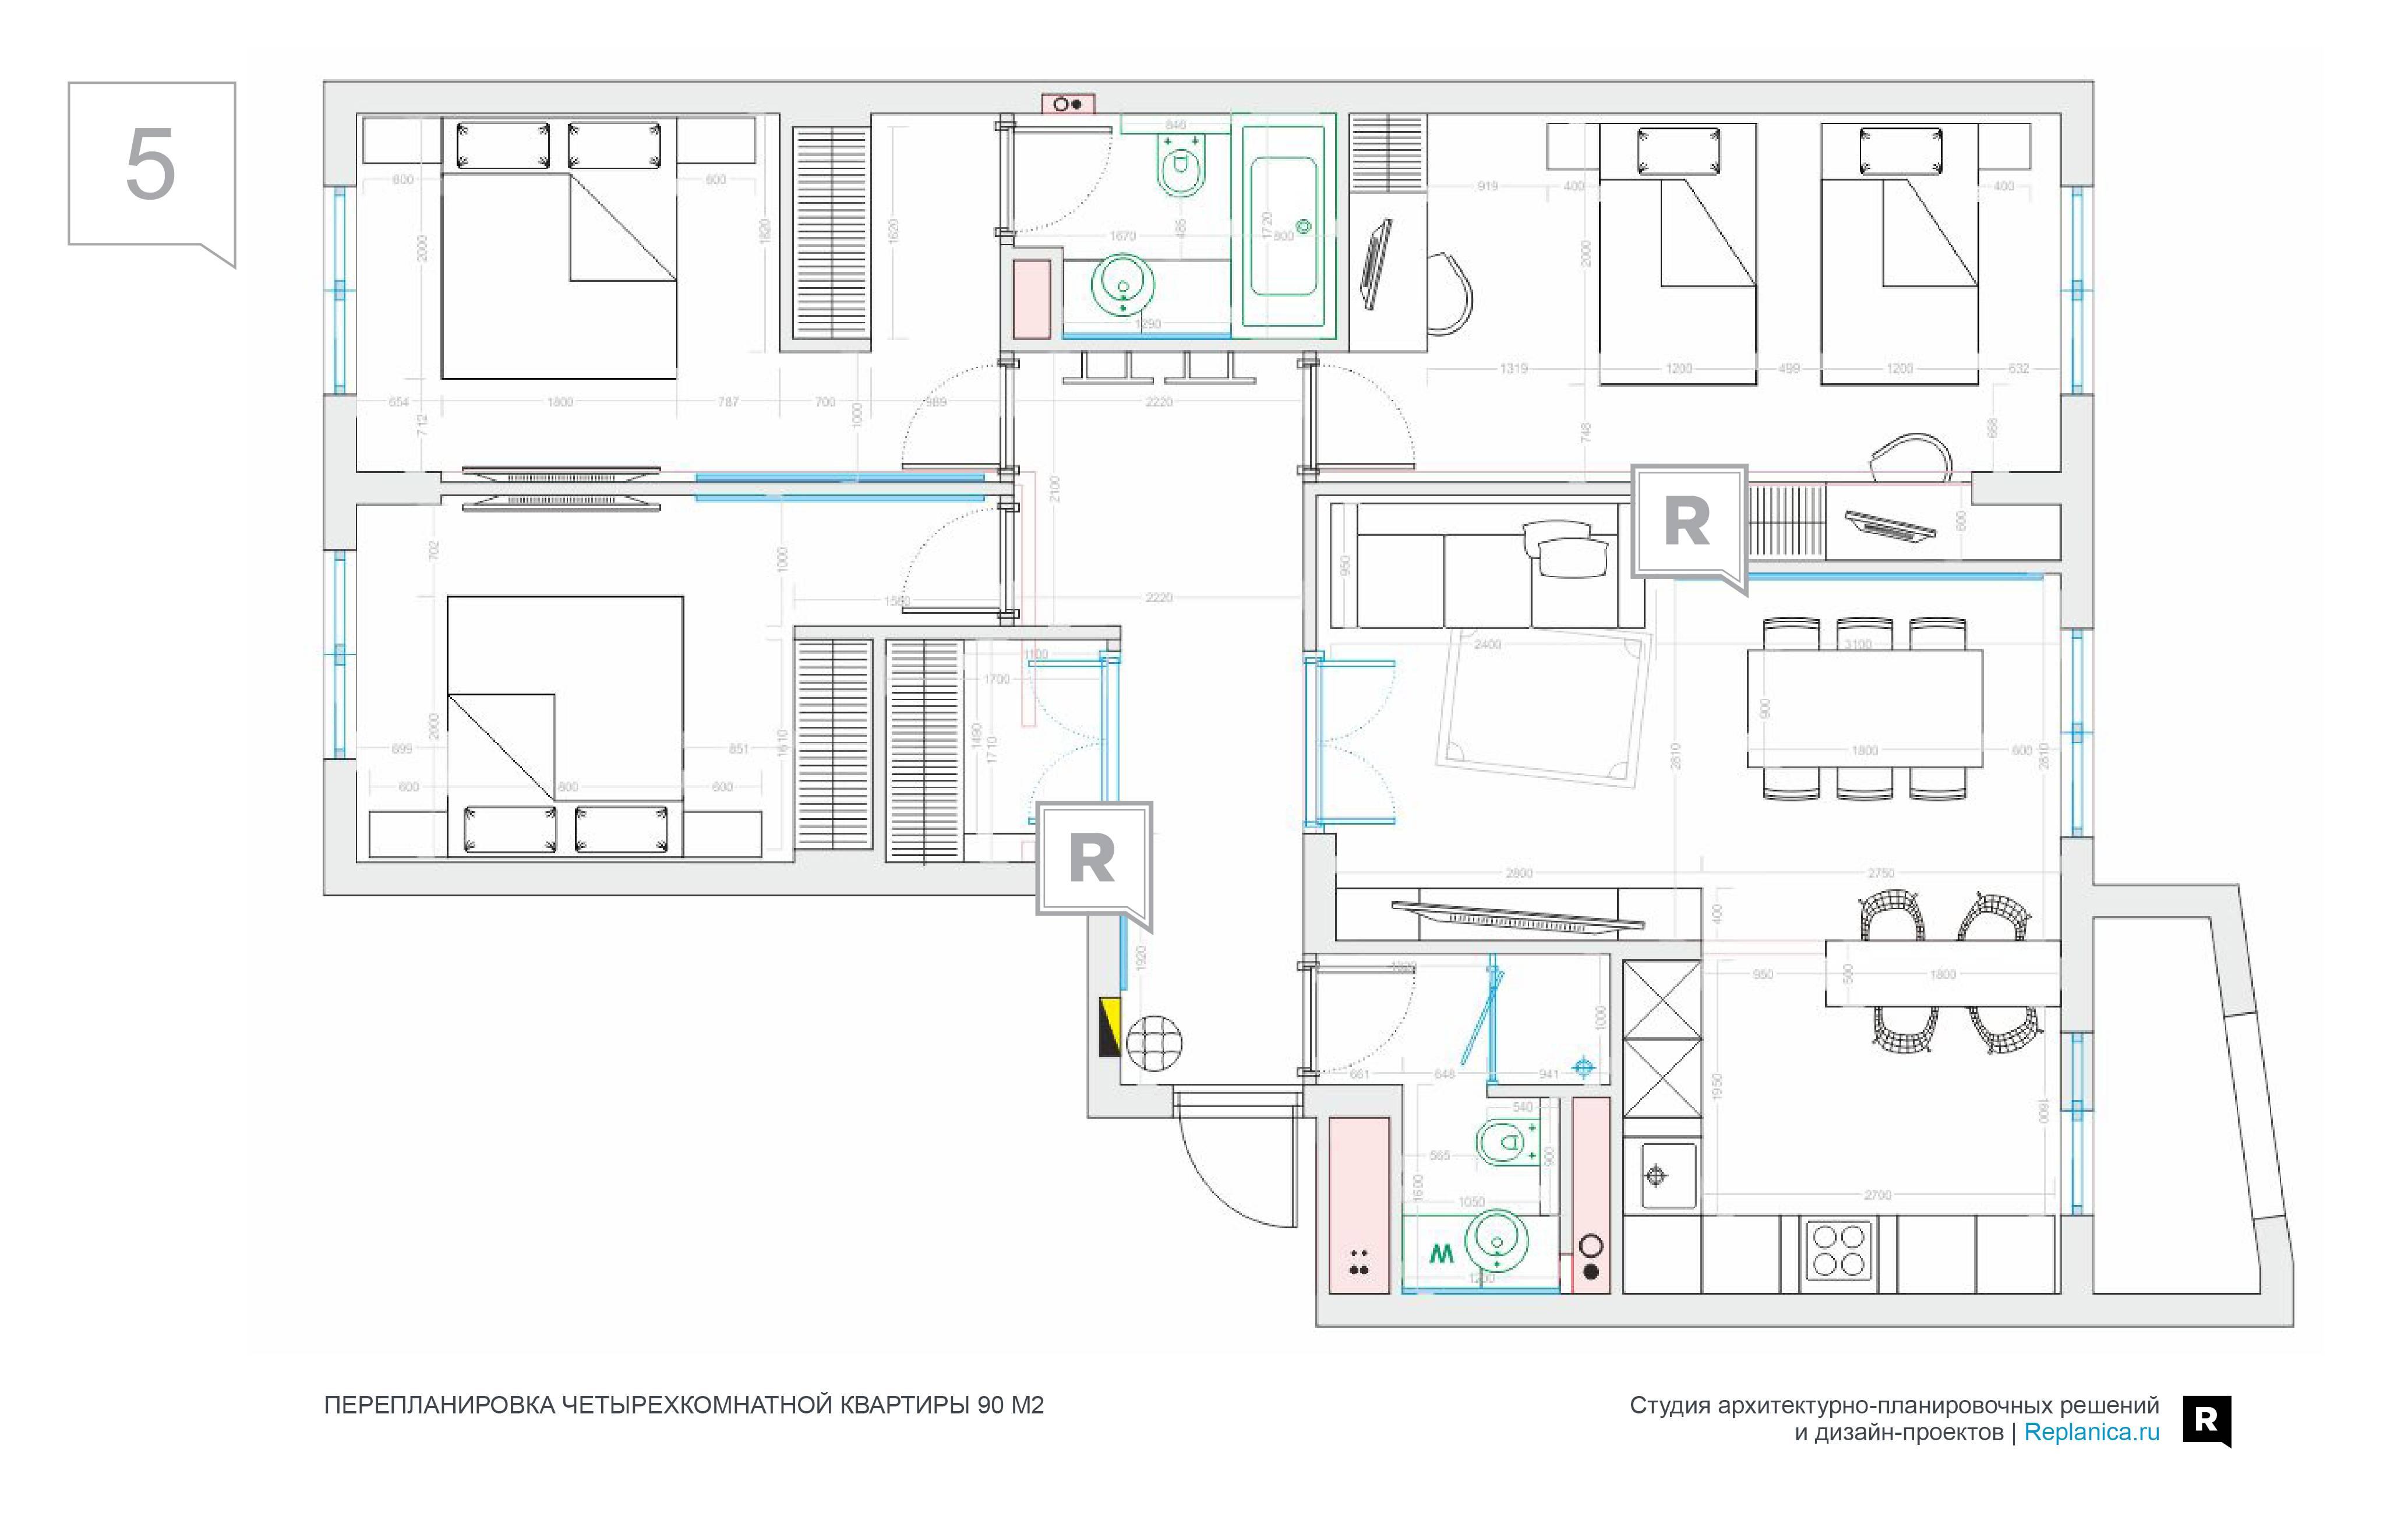 Планировка 3-х комнатной квартиры (51 фото): лучшие проекты трехкомнатных квартир улучшенной планировки в панельных домах- новостройках